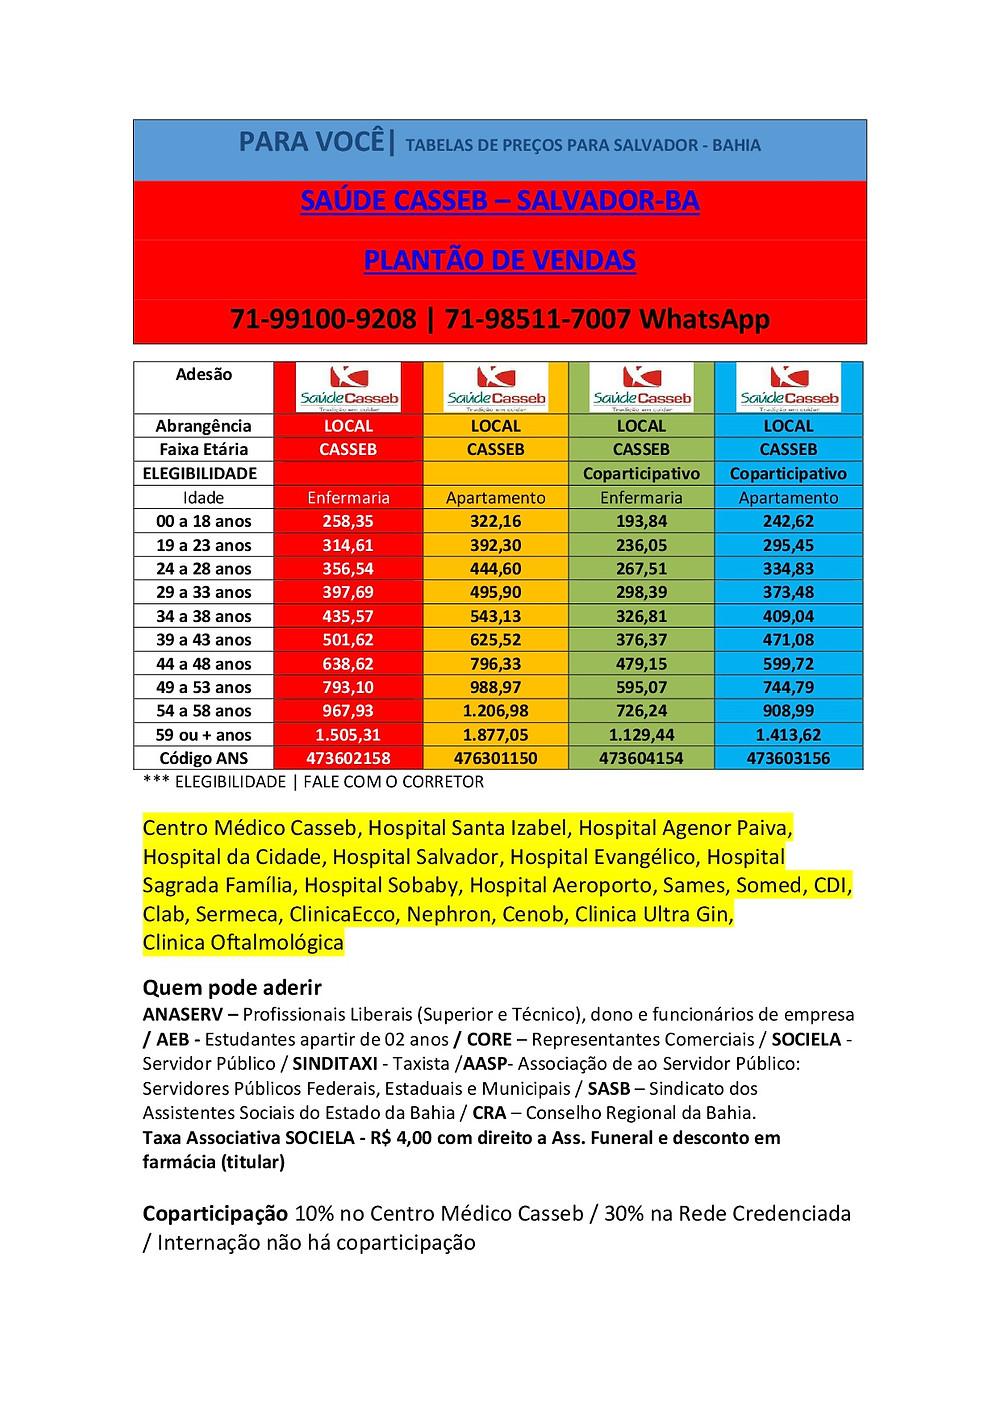 Tabelas de Preços plano de Saude na Bahia - Casseb Saude Adesão - Salvador